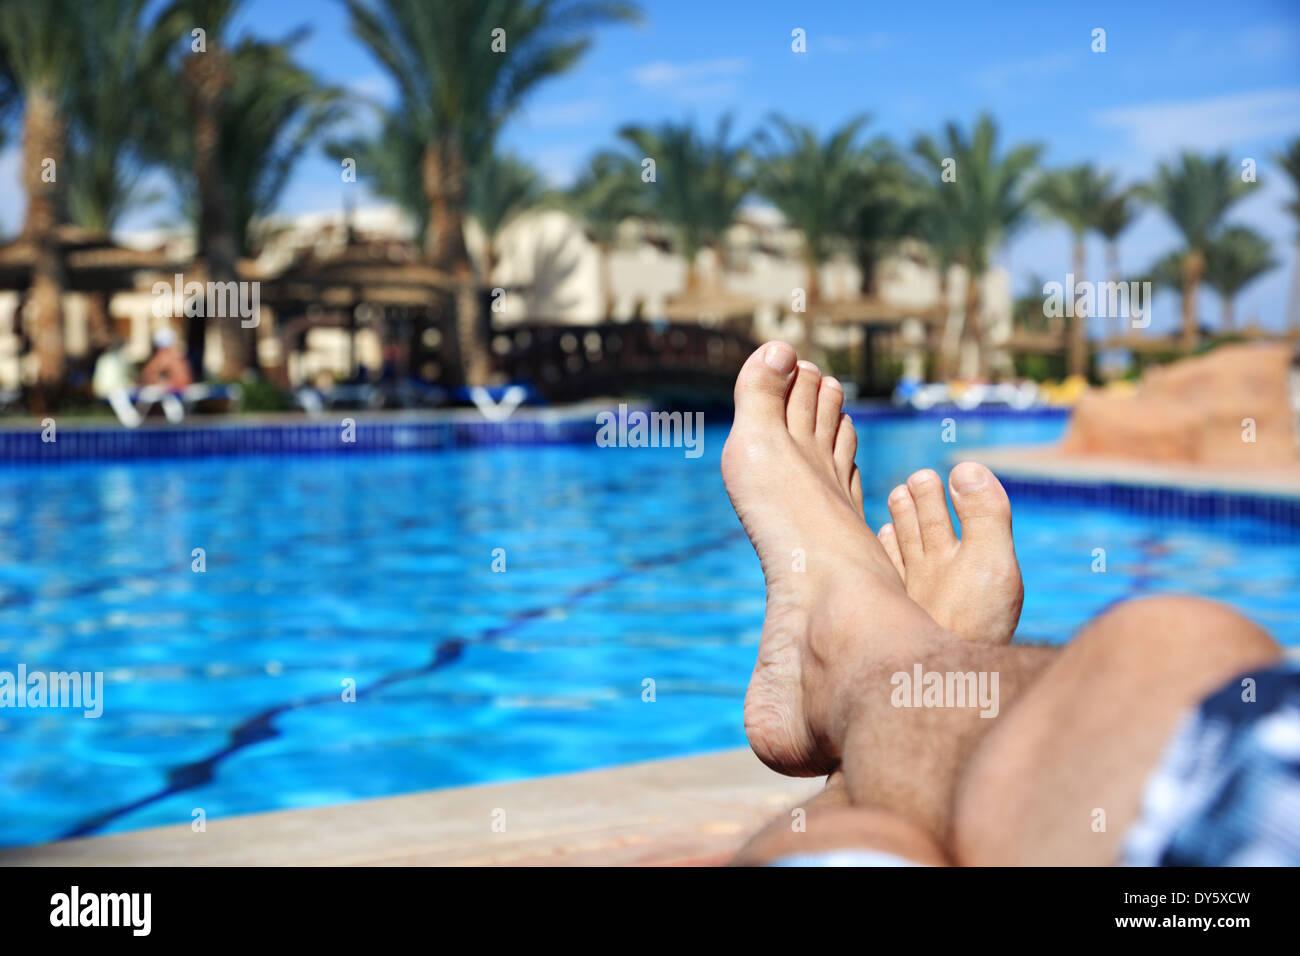 Des bains de soleil piscine Photo Stock